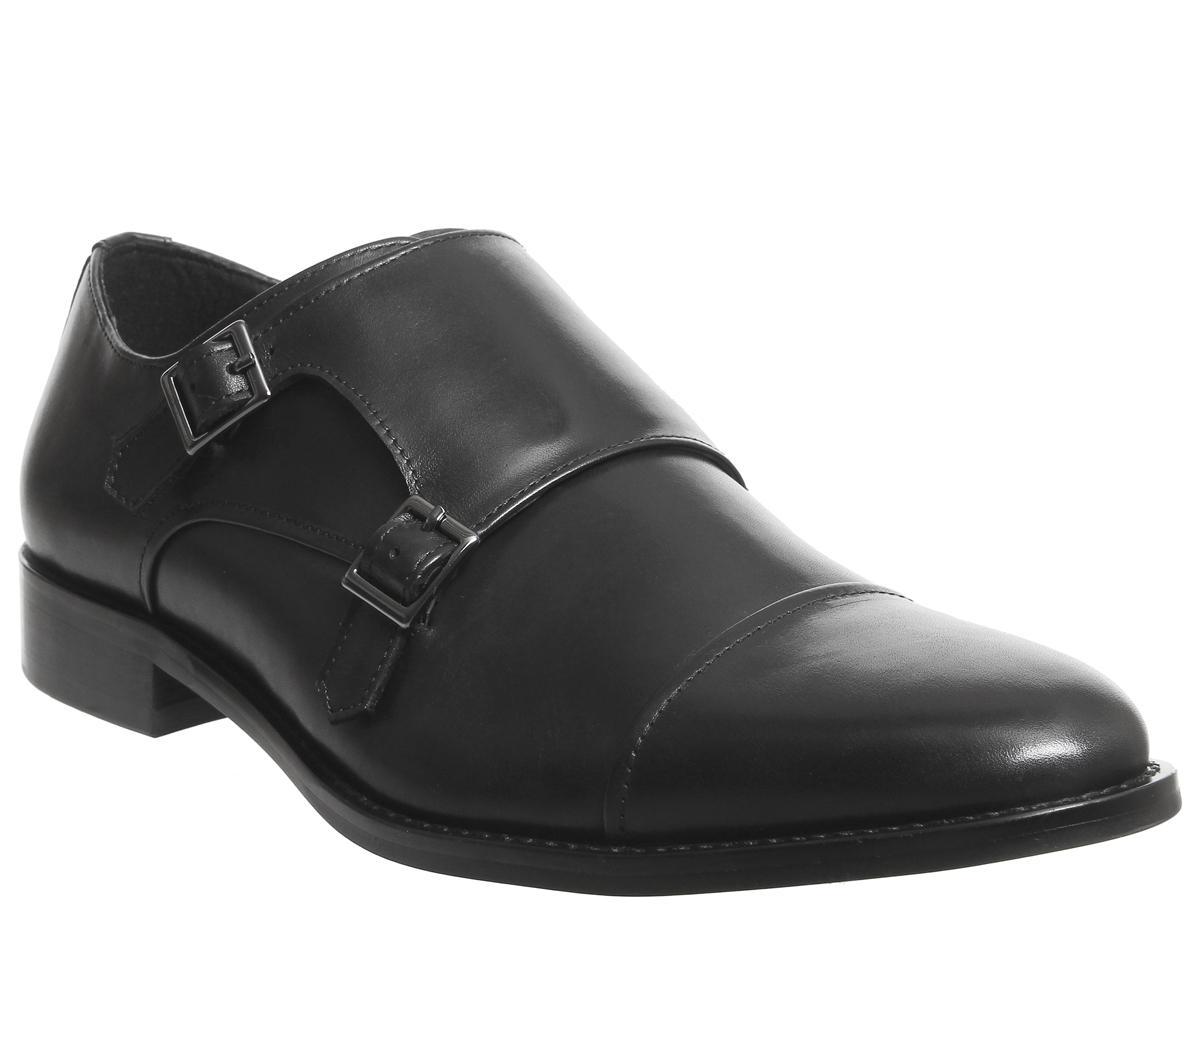 Import Monk Shoes